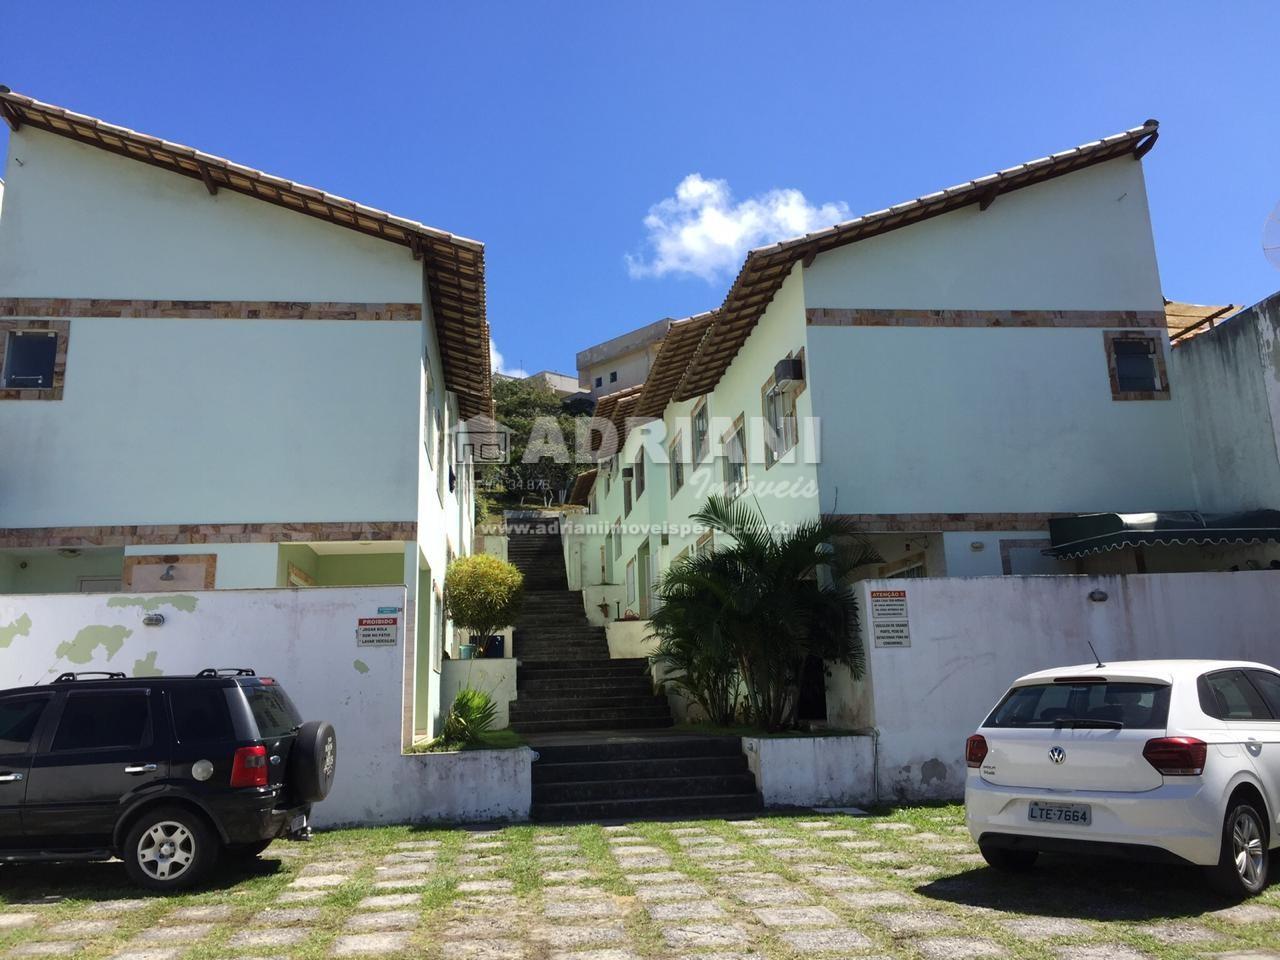 Cód.: 439 Casa, Aluguel Fixo, Peró, Cabo Frio – RJ